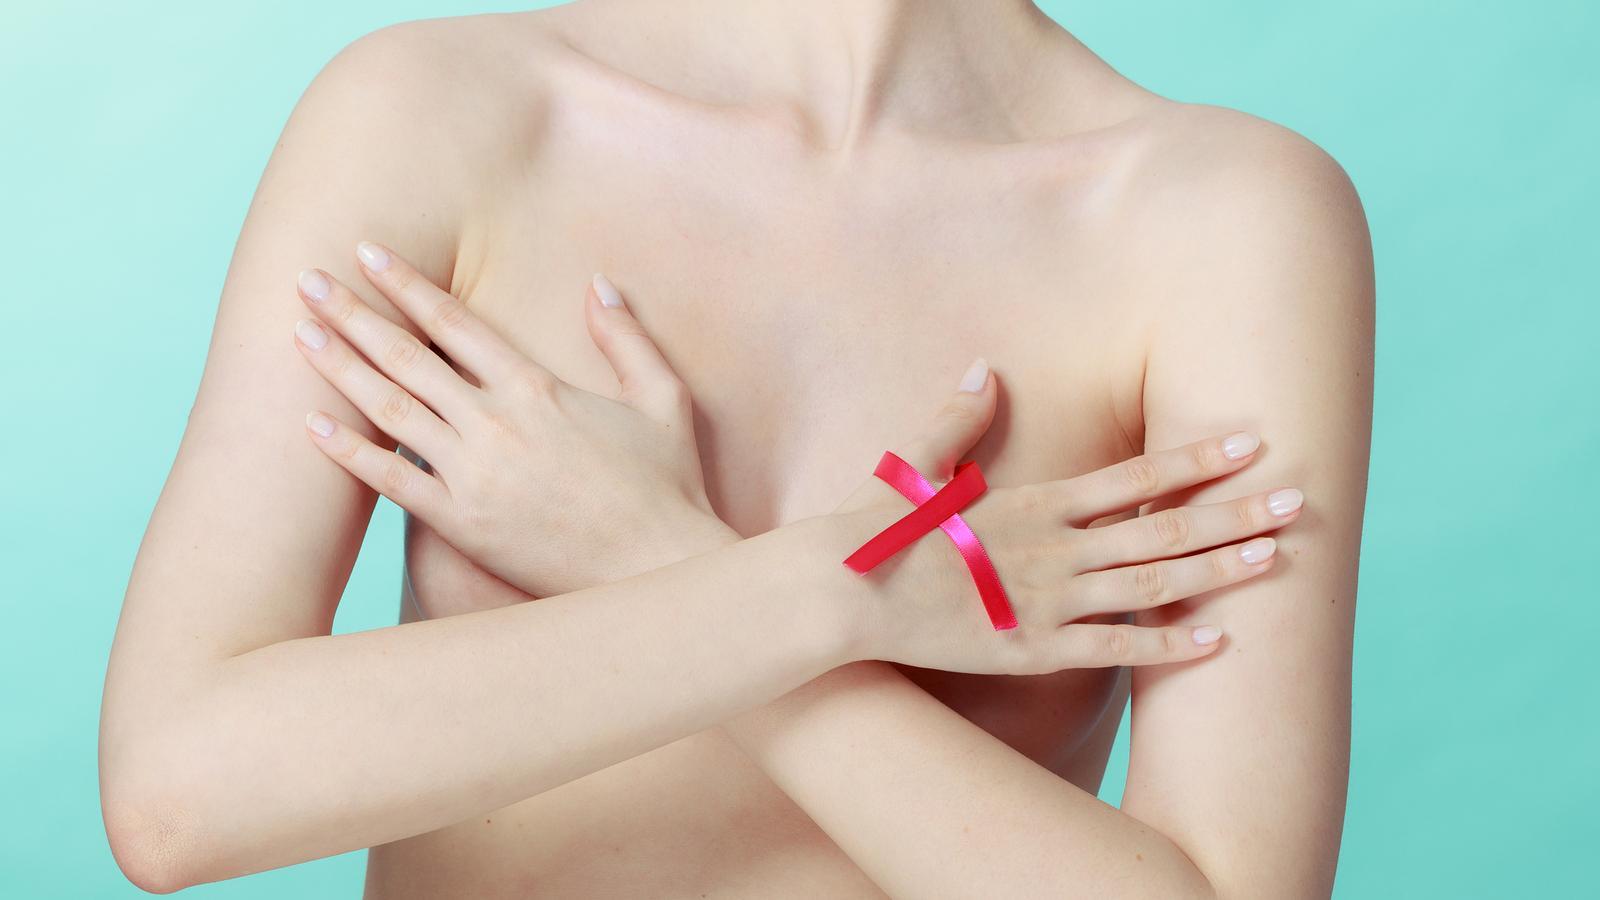 Рак груди переходит из смертельных заболеваний в хронические или излечивается навсегда